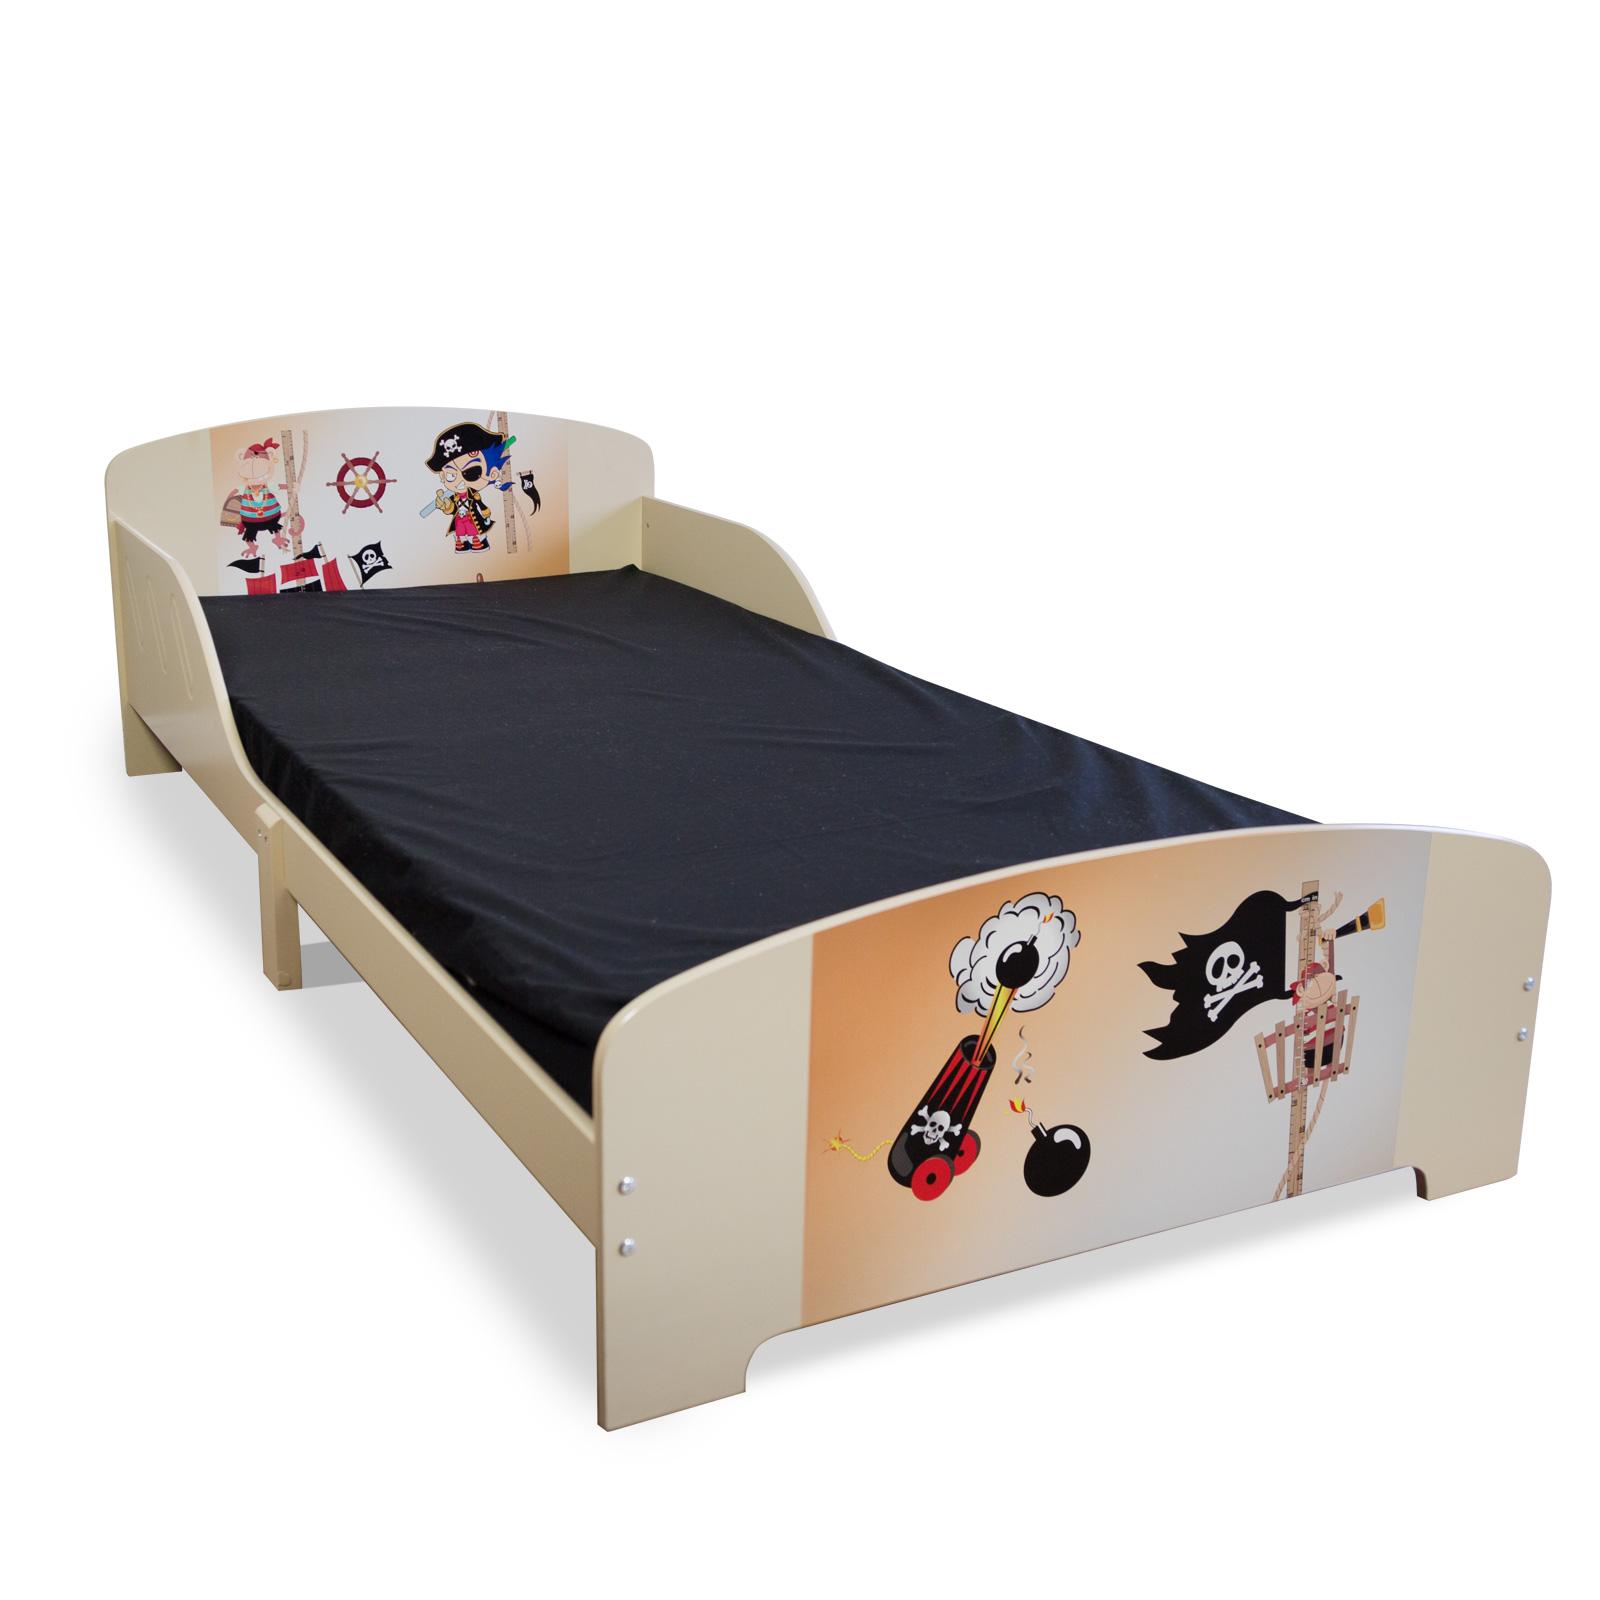 Kinderbett 90x200 Jugendbett Spielbett Juniorbett Lattenrost Bett Kinderzimmer